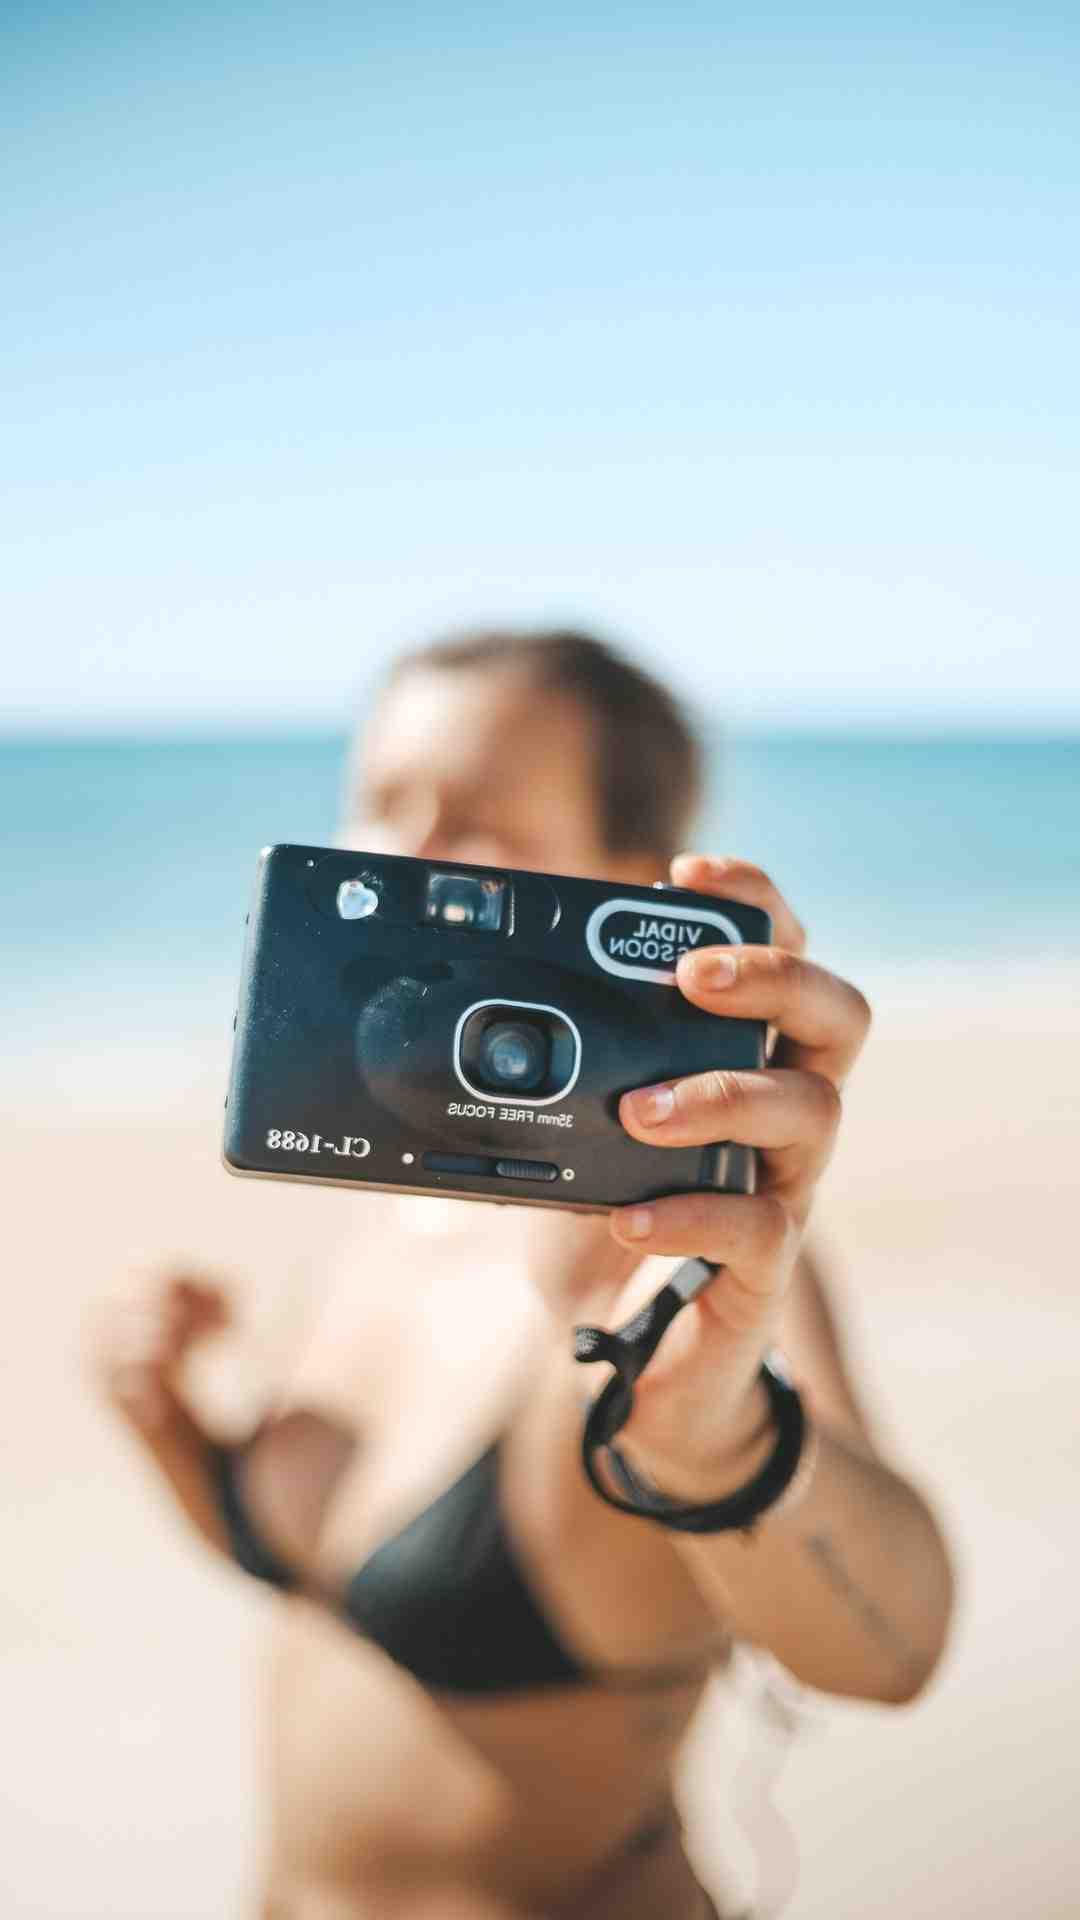 Comment obtenir des photos sur ma carte SD?